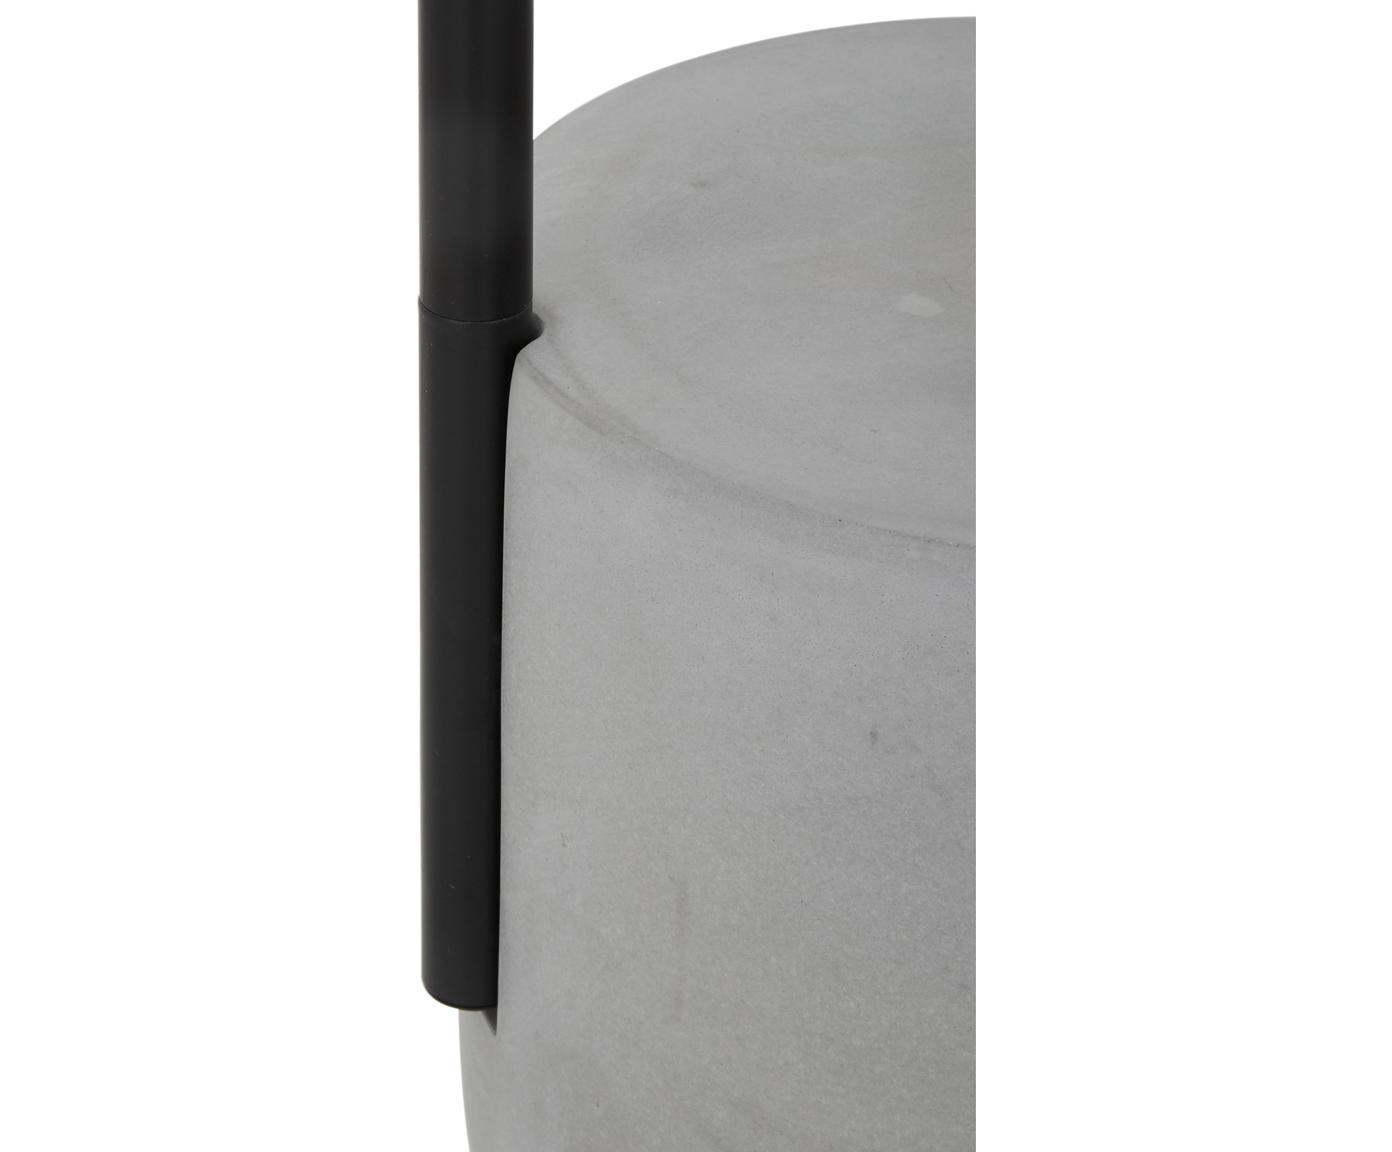 Lampa podłogowa z betonową podstawą Pipero, Klosz: czarny Podstawa lampy: czarny, matowy, szary Kabel: czarny, Ø 45 x W 161 cm